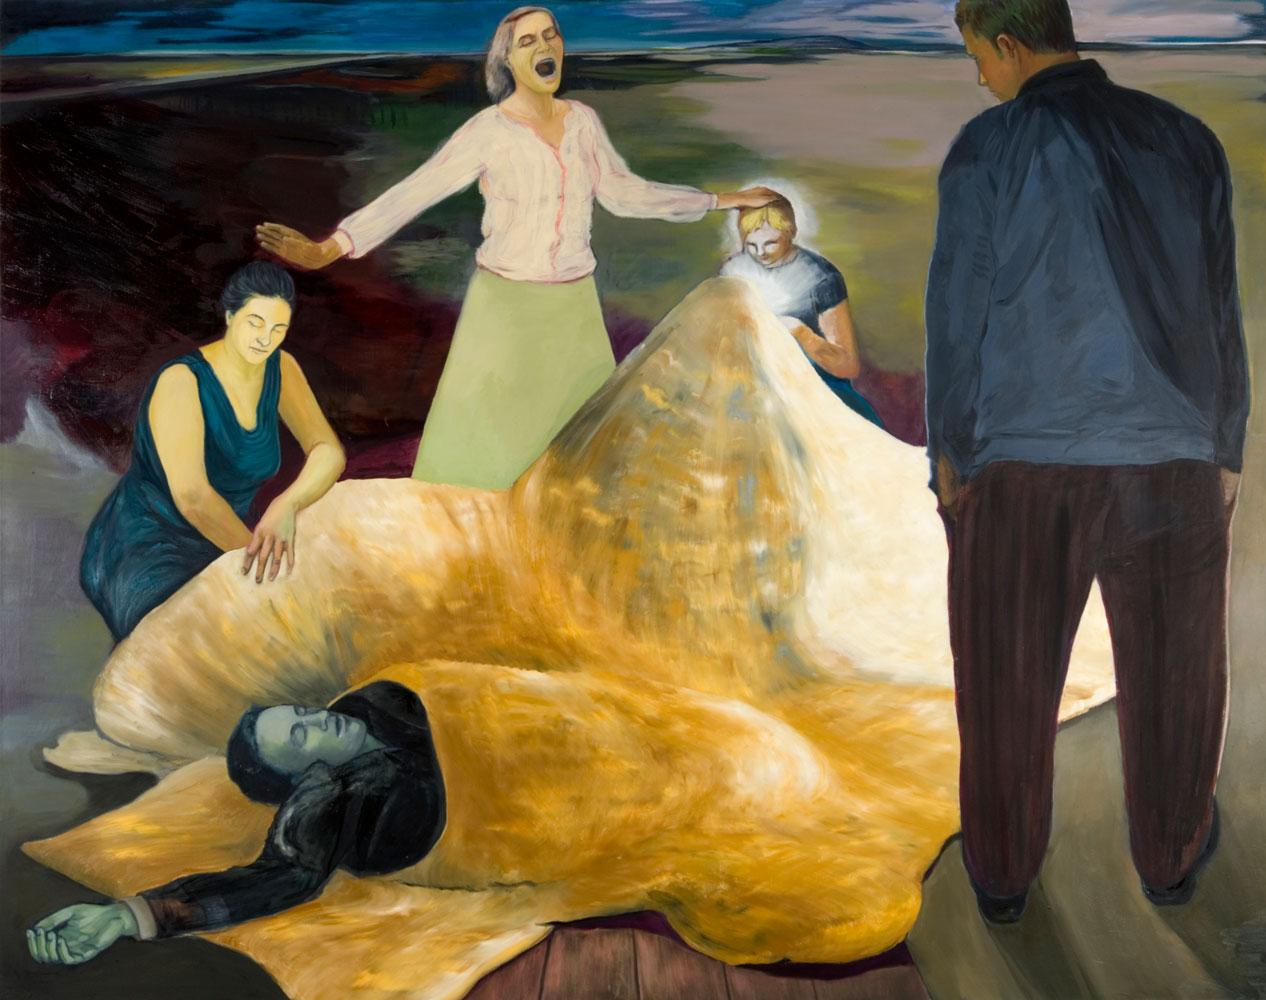 um einen Toten im goldgelben Kokon stehen und sitzen zwei Frauen, ein Kind und ein Mann